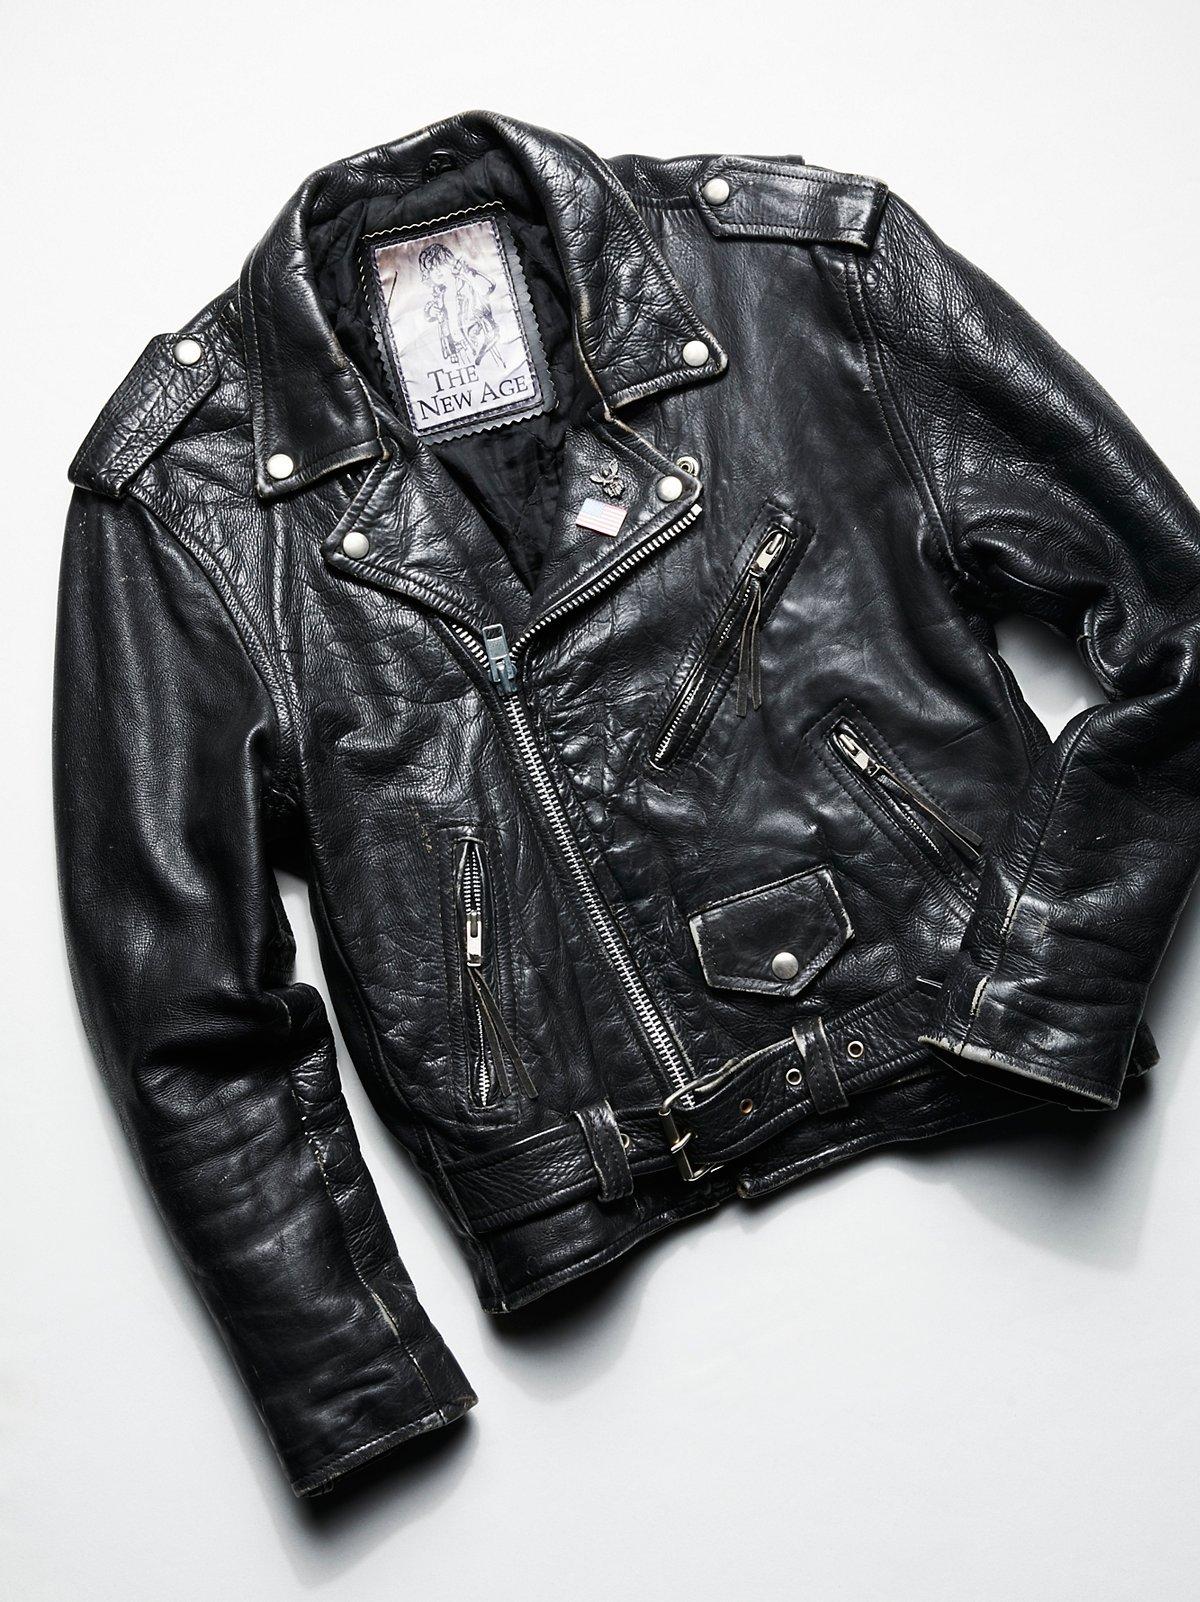 Vintage 1980s Moto Jacket